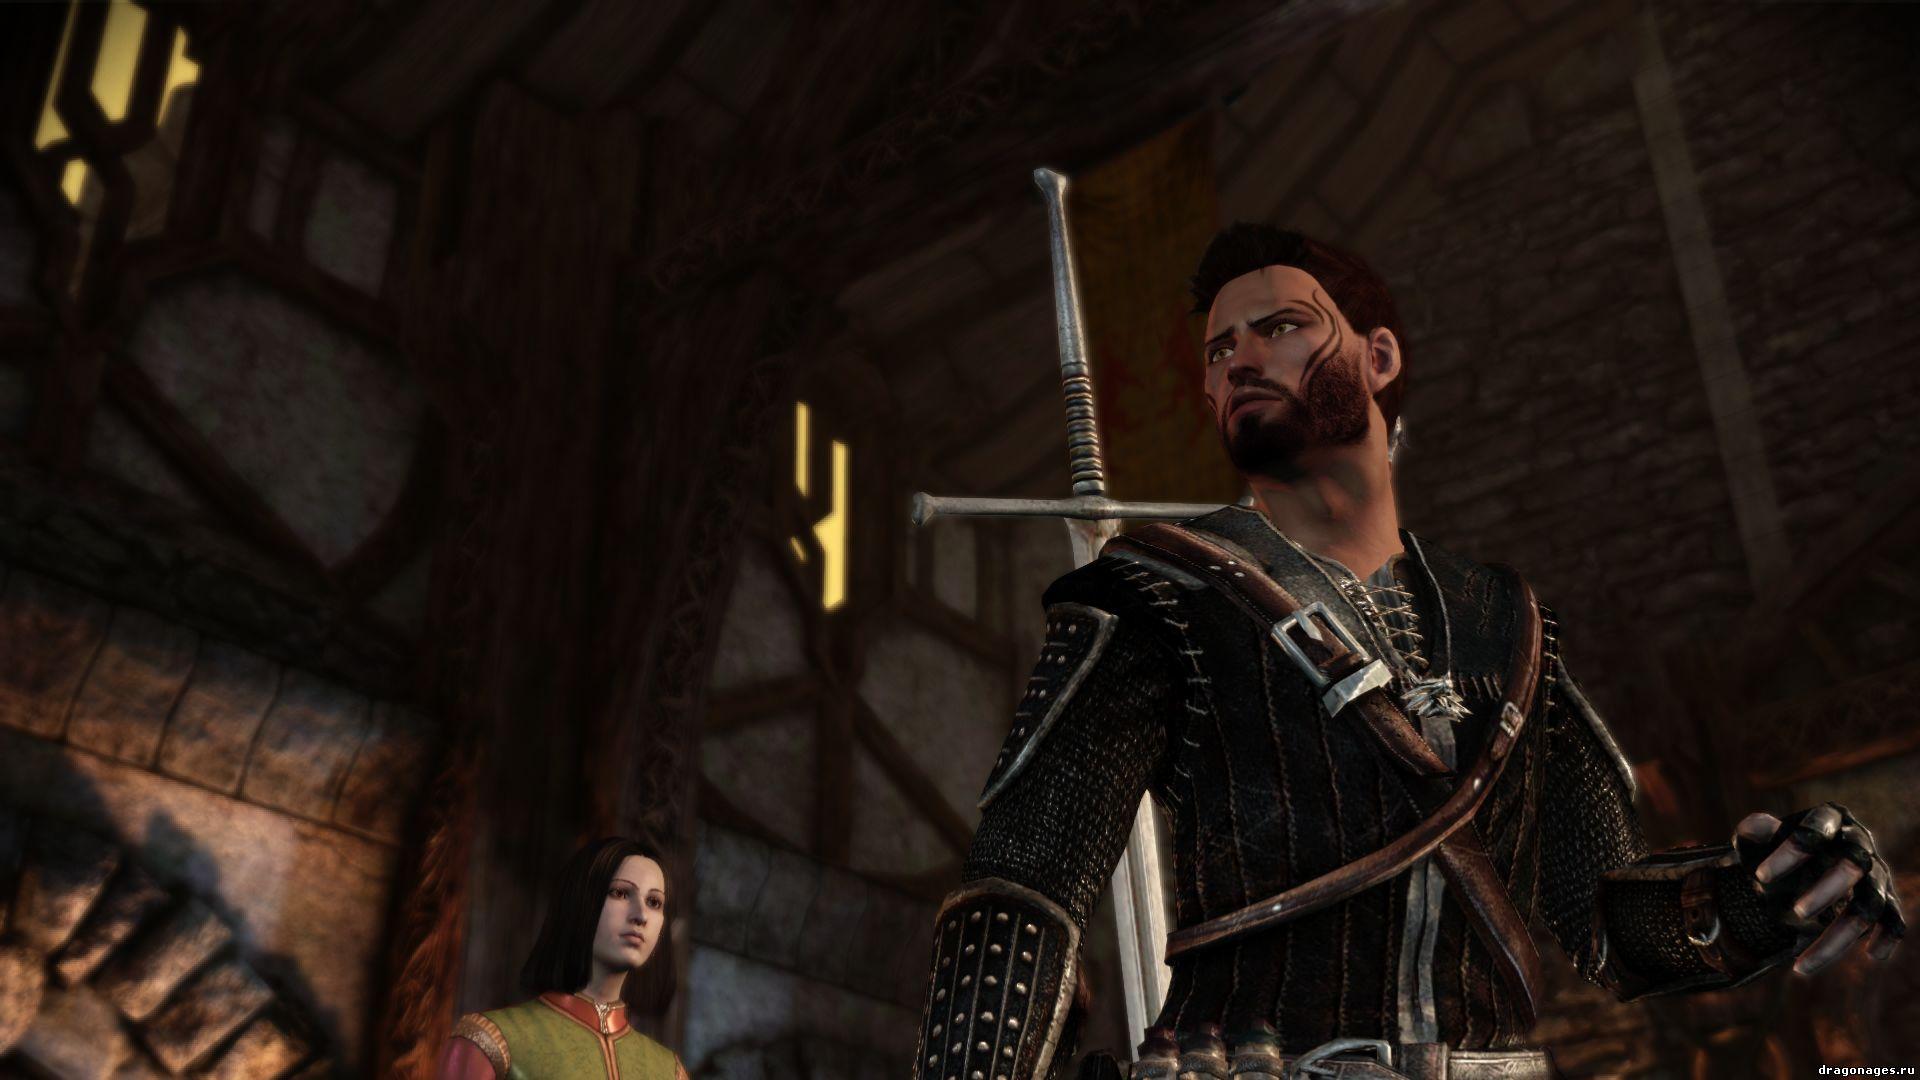 Броня из игры Ведьмак (Witcher) для Dragon Age: Origins, превью